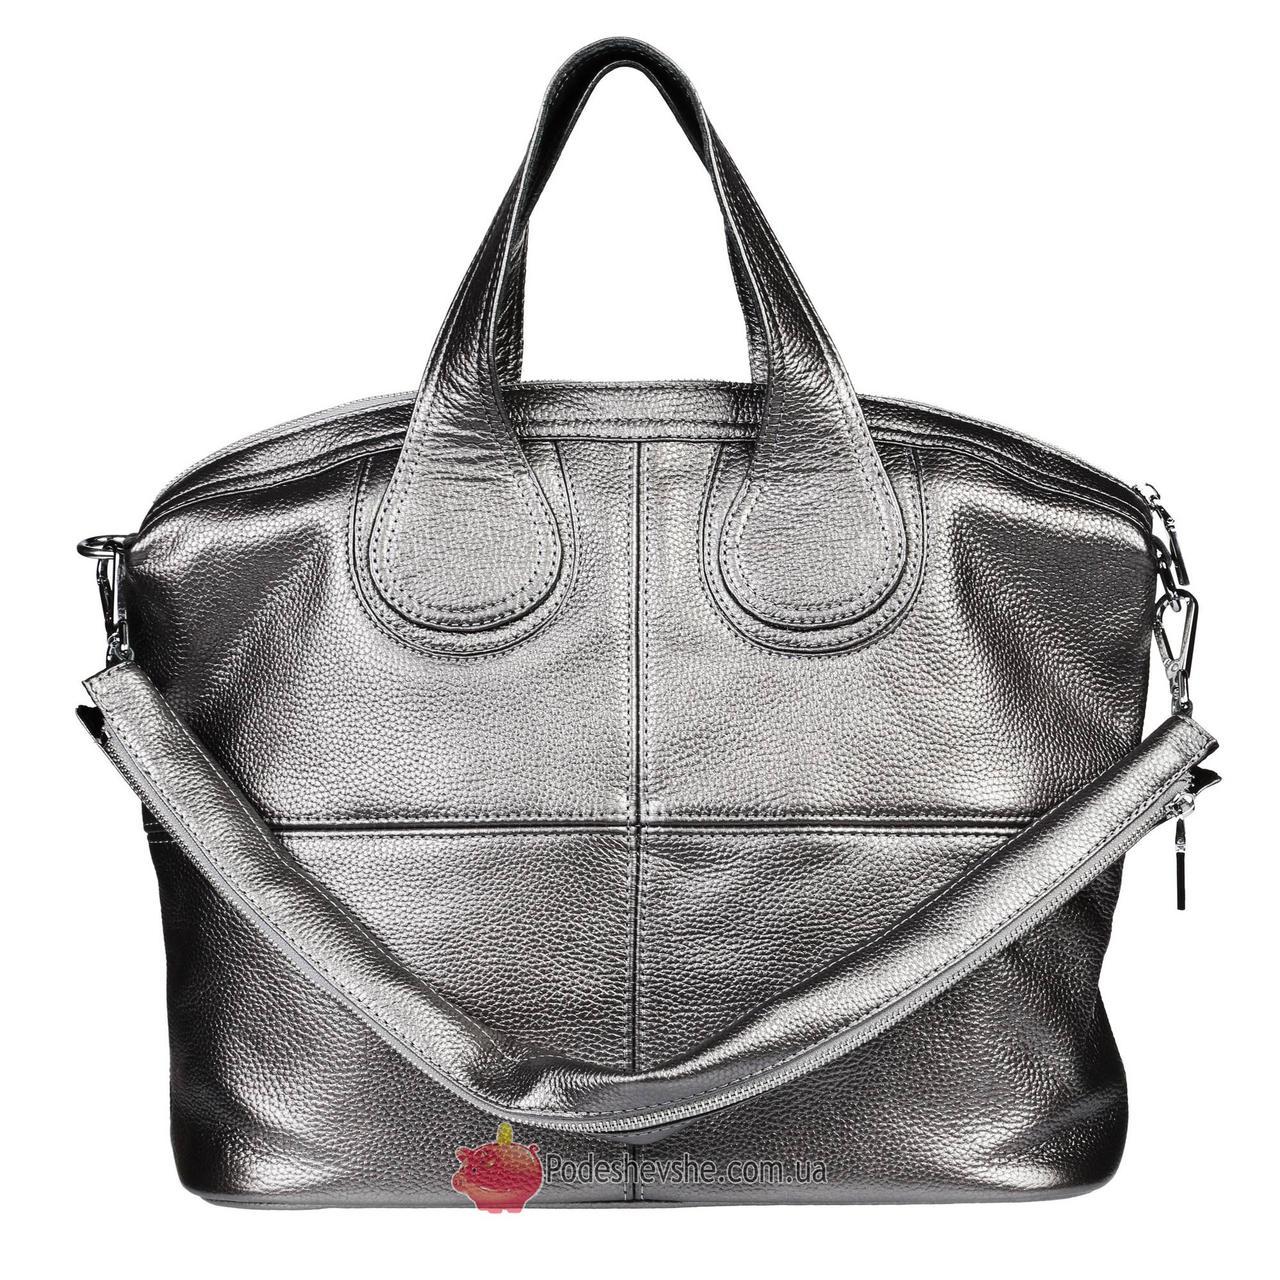 Кожаная женская сумка Nightinghale никель